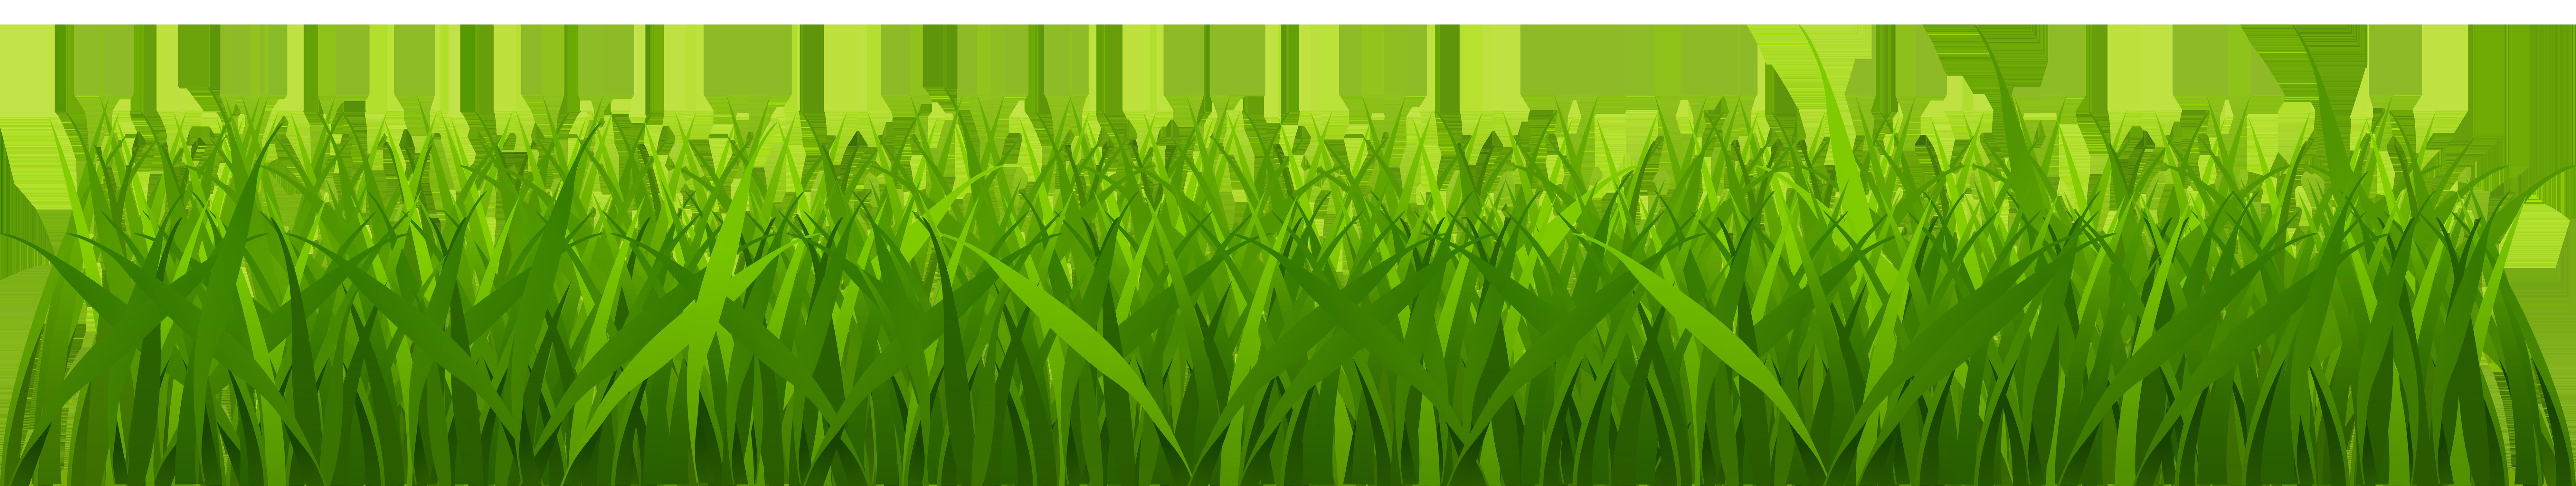 Grass Clip Art : Cyprus grass clipart clipground